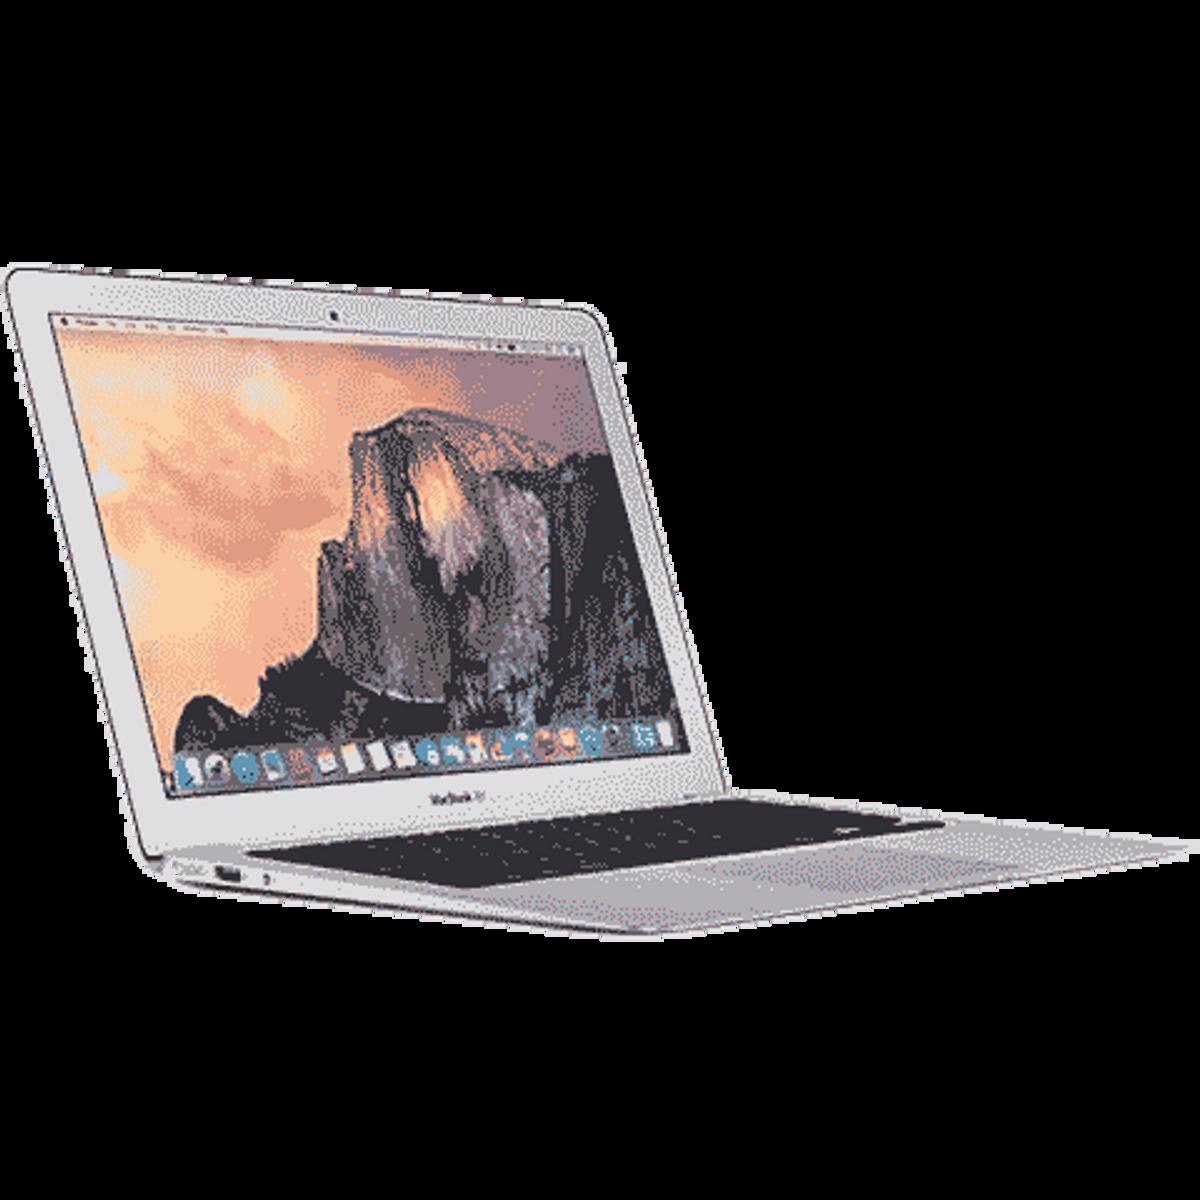 অ্যাপল Macbook Air 2017